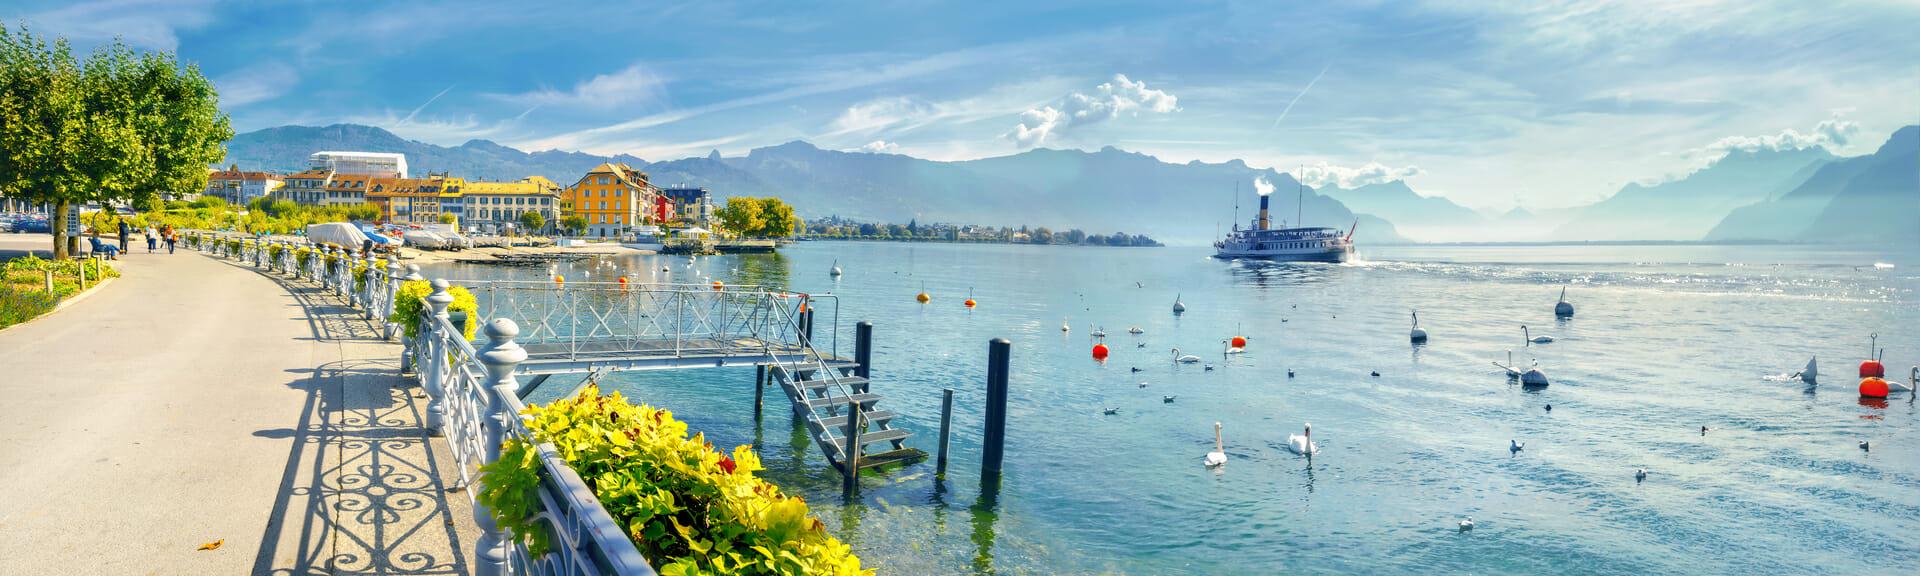 Klassenfahrt Genf Genfer See